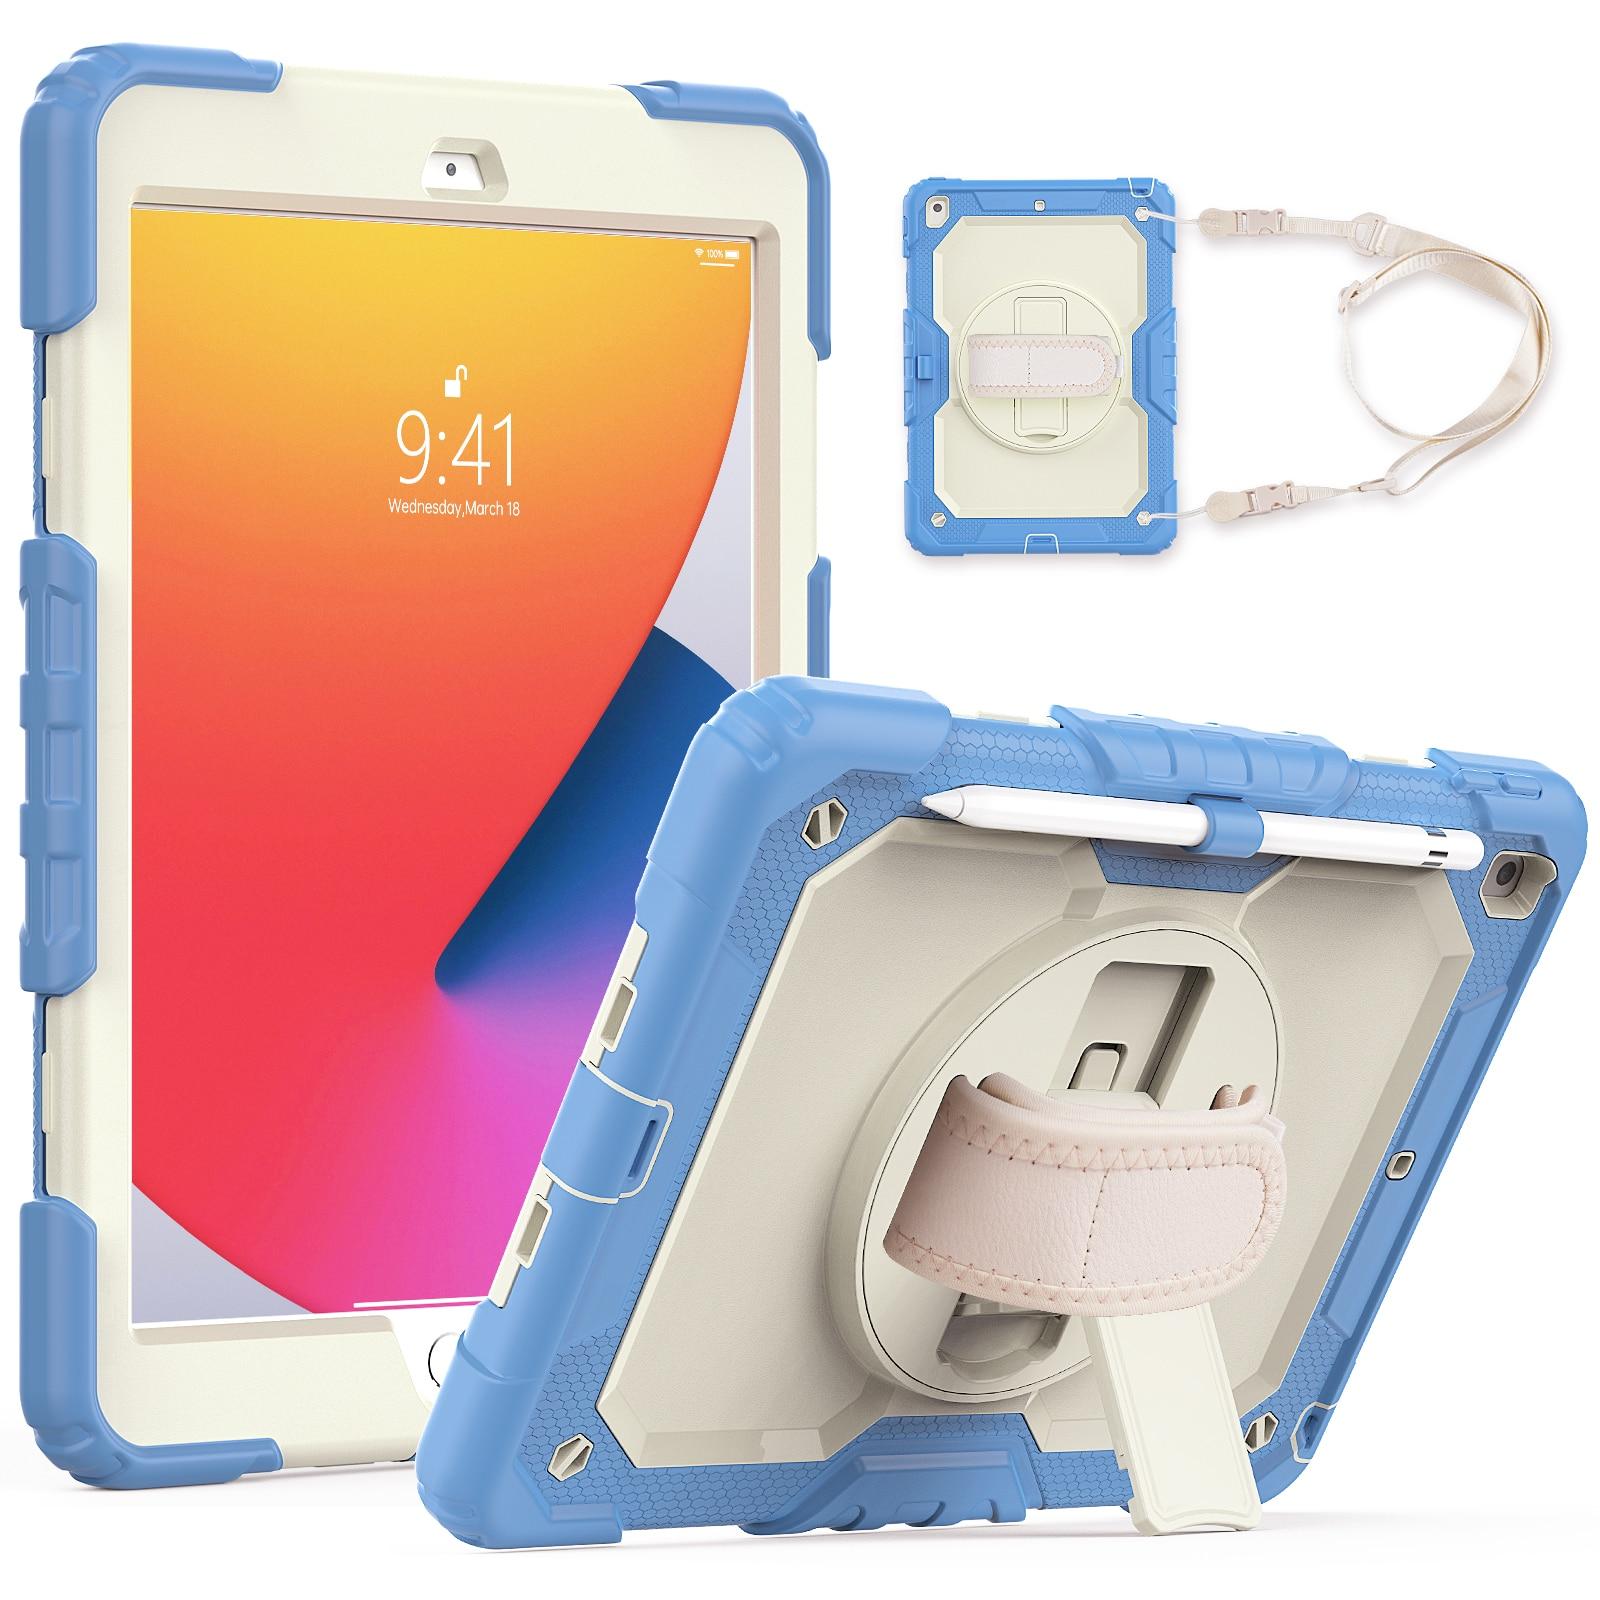 حافظة متينة لأجهزة iPad 10.2 2019 2020 7th 8th Gen حافظة مضادة للصدمات غطاء لوحي قوي للأطفال غطاء حماية آمن للأطفال